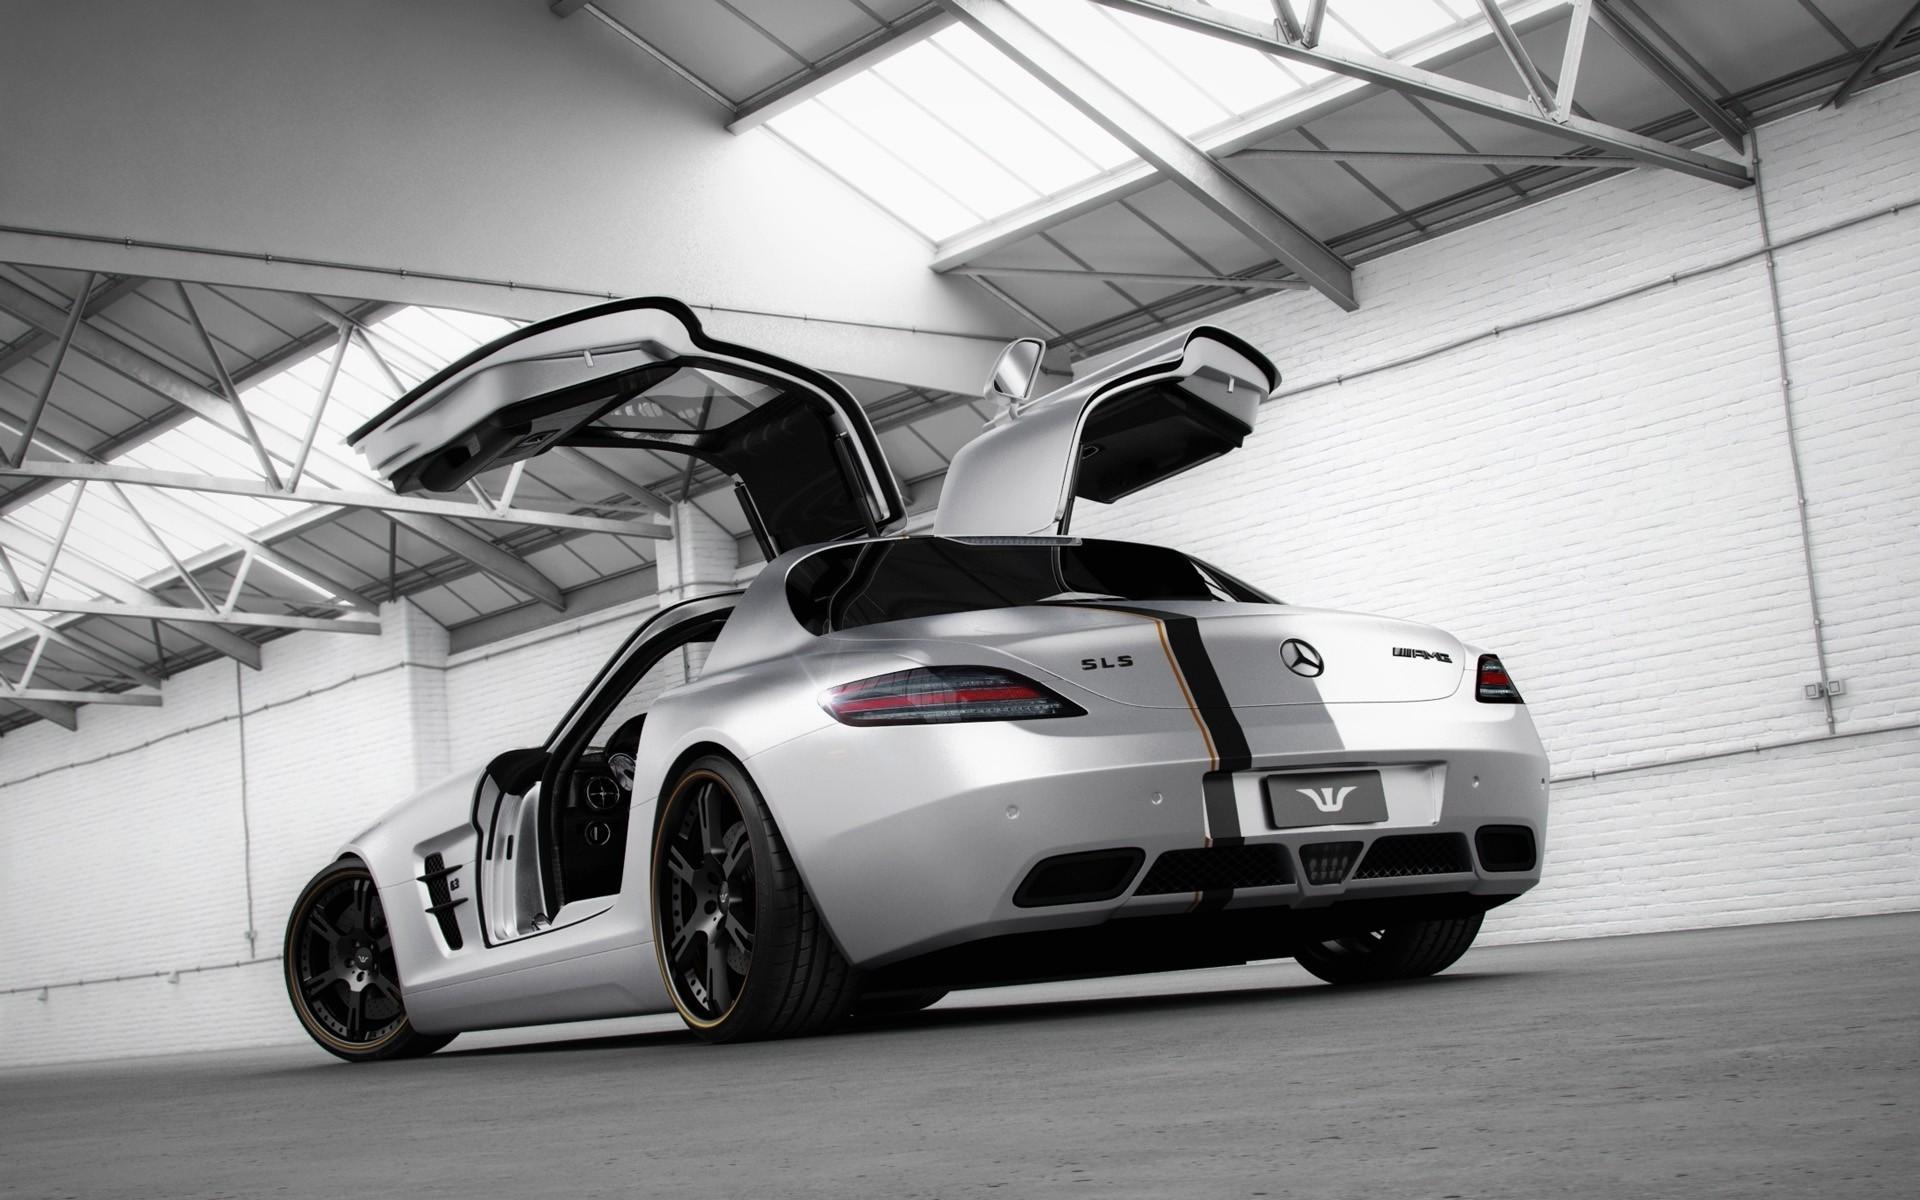 48833 скачать обои Транспорт, Машины, Мерседес (Mercedes) - заставки и картинки бесплатно